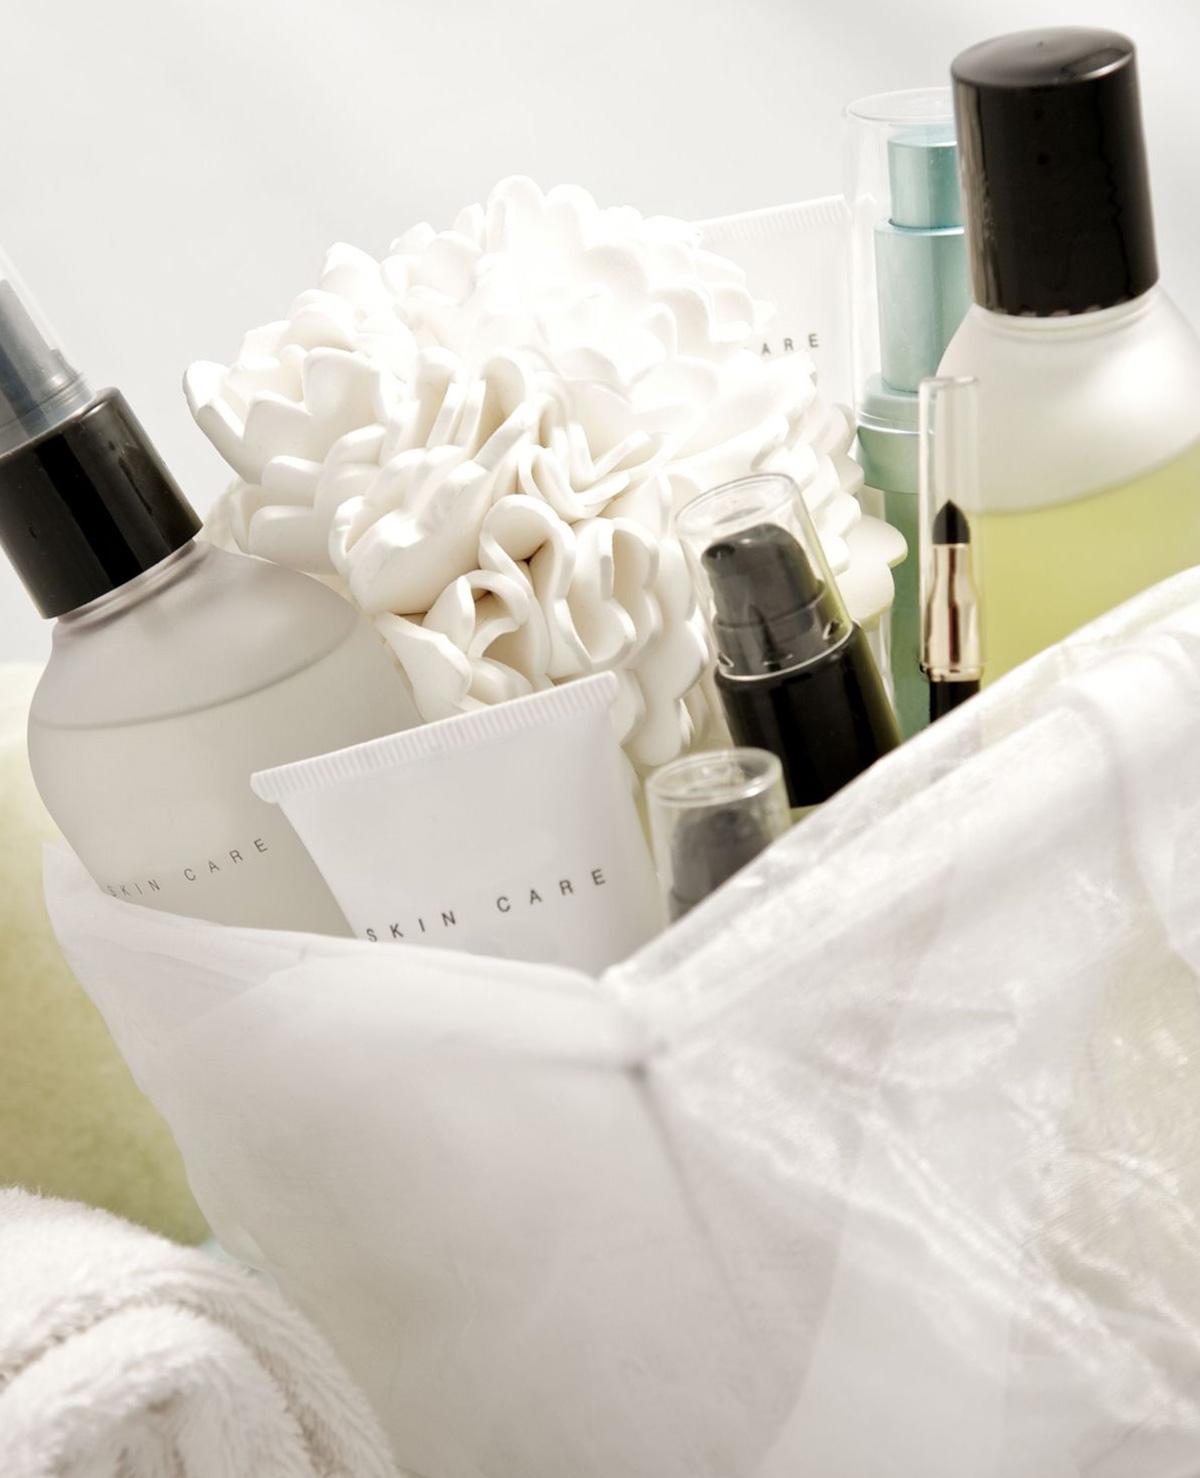 Weet wat je smeert: ingrediënten in beautyproducten